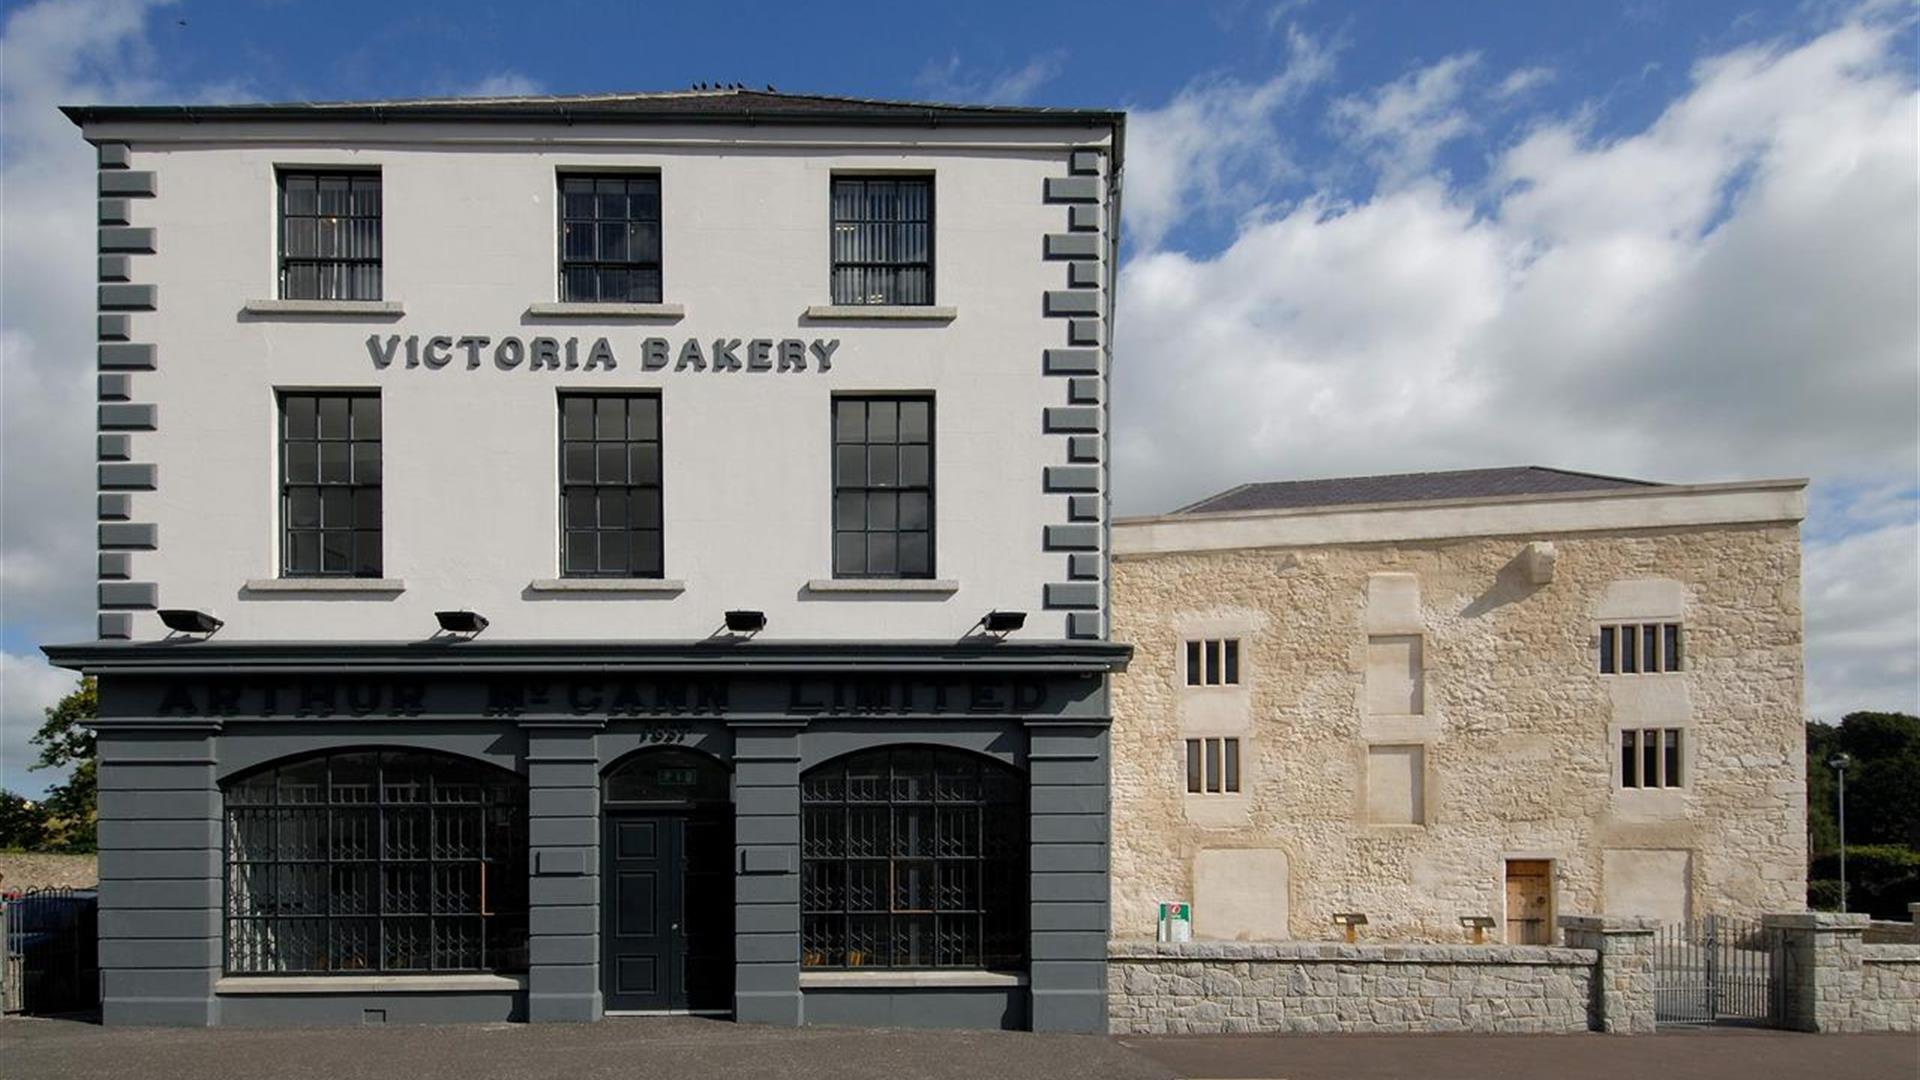 Vistoria Bakery Newry and Mourne Museum, Newry